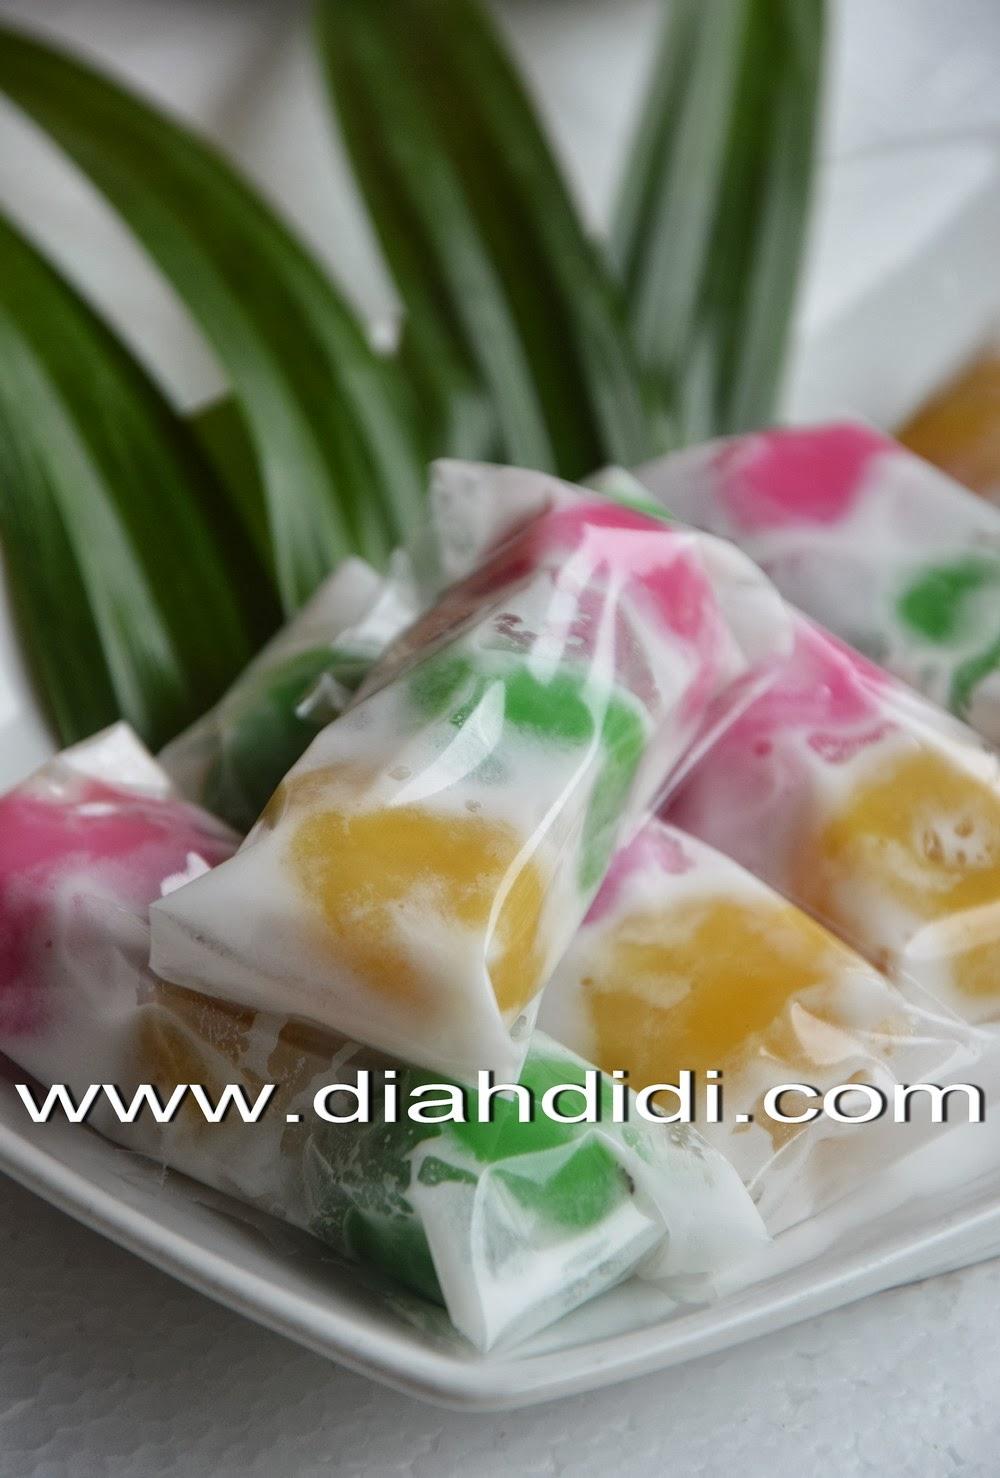 Diah Didis Kitchen Kue Mendut Warna Warni